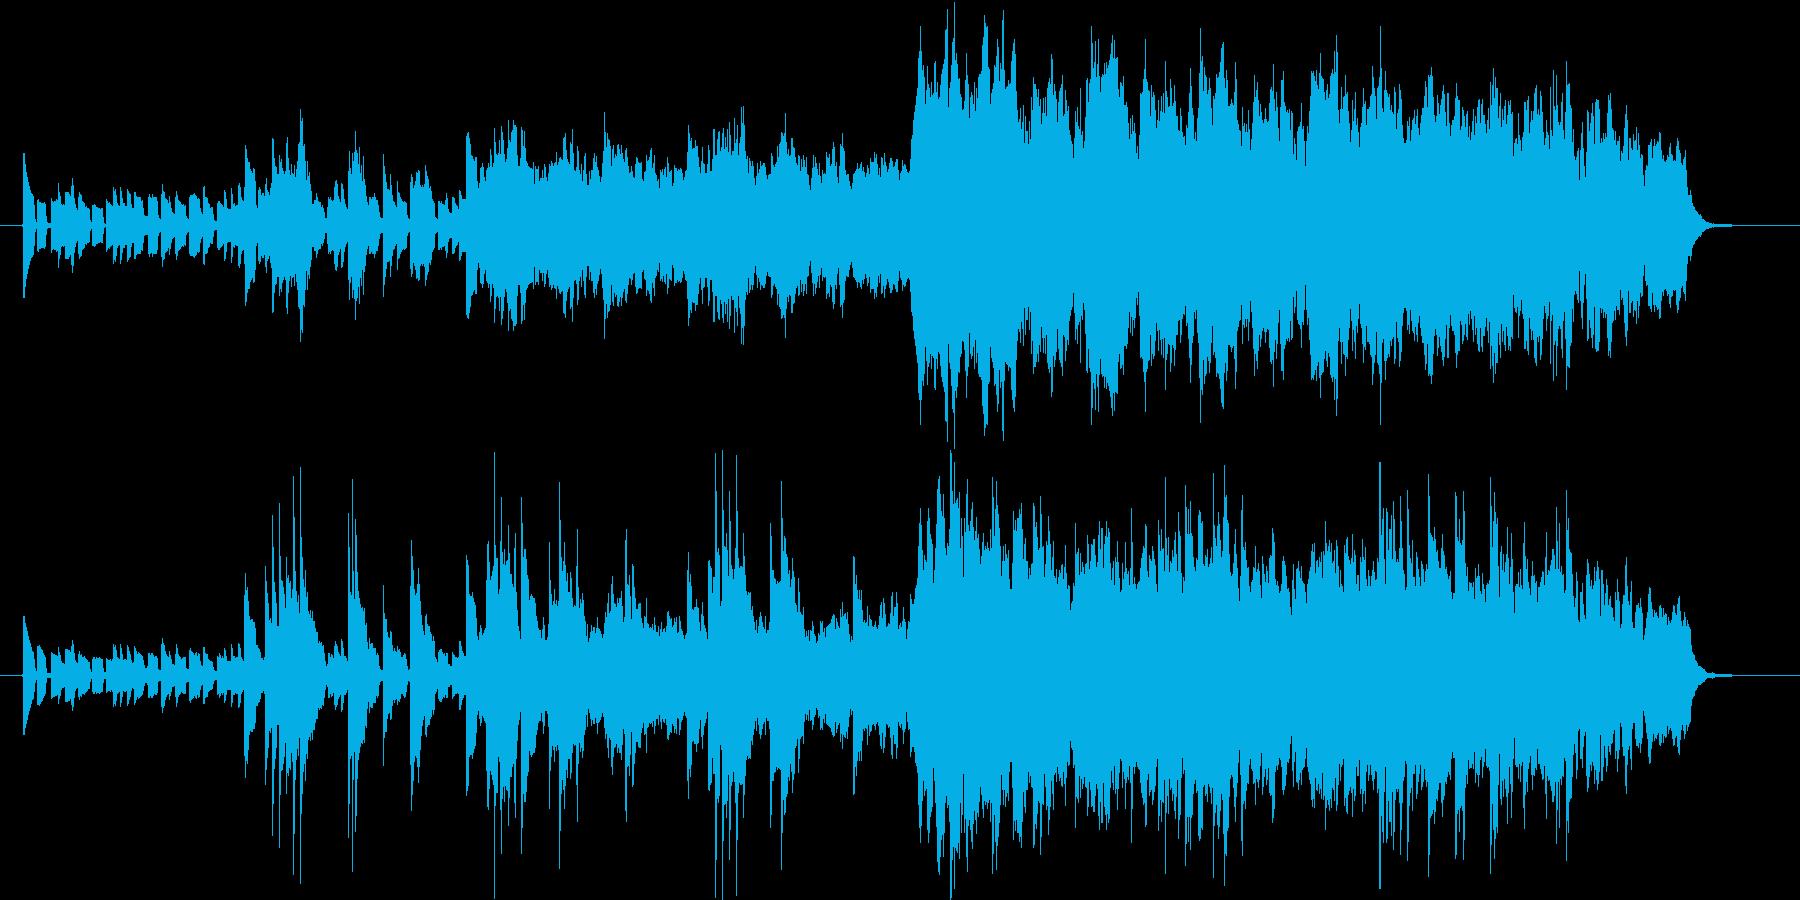 神秘的なイメージのピアノの曲の再生済みの波形